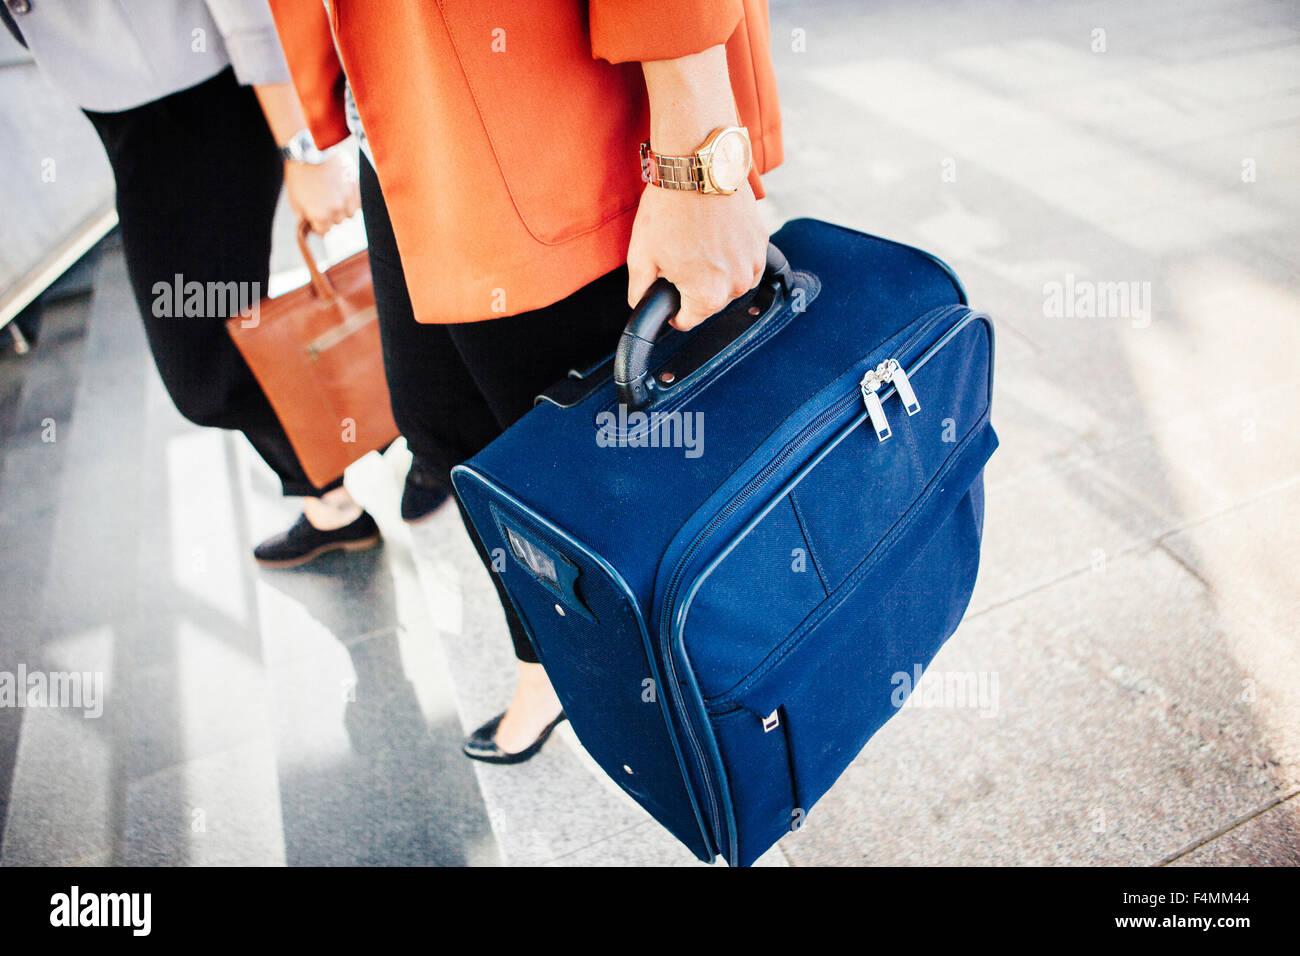 Sezione bassa di imprenditrici con bagagli si sta spostando verso il basso le fasi della stazione ferroviaria Immagini Stock